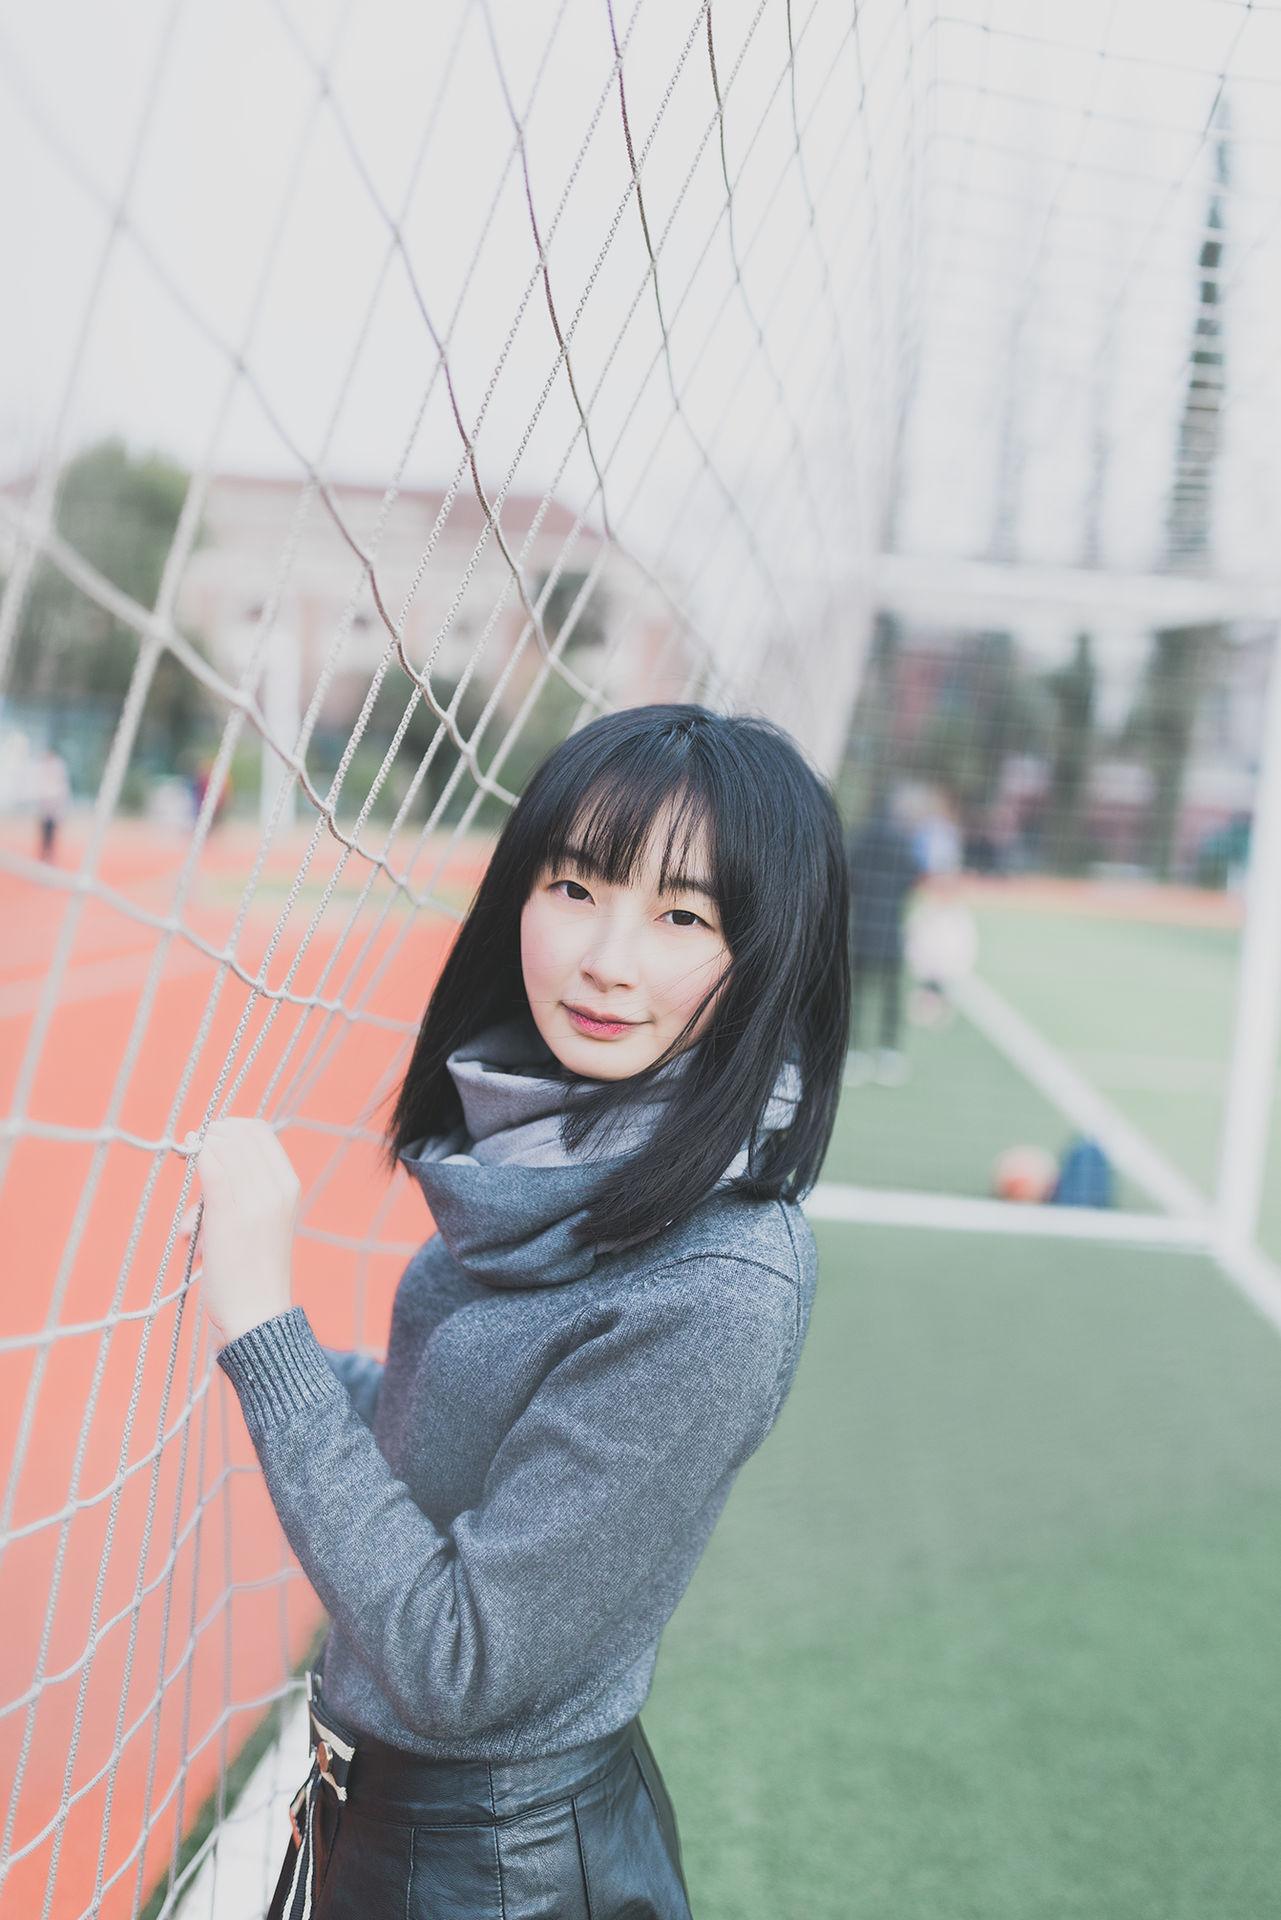 2019-01-20 交大武康JK风_摄影师郭小皓的返片